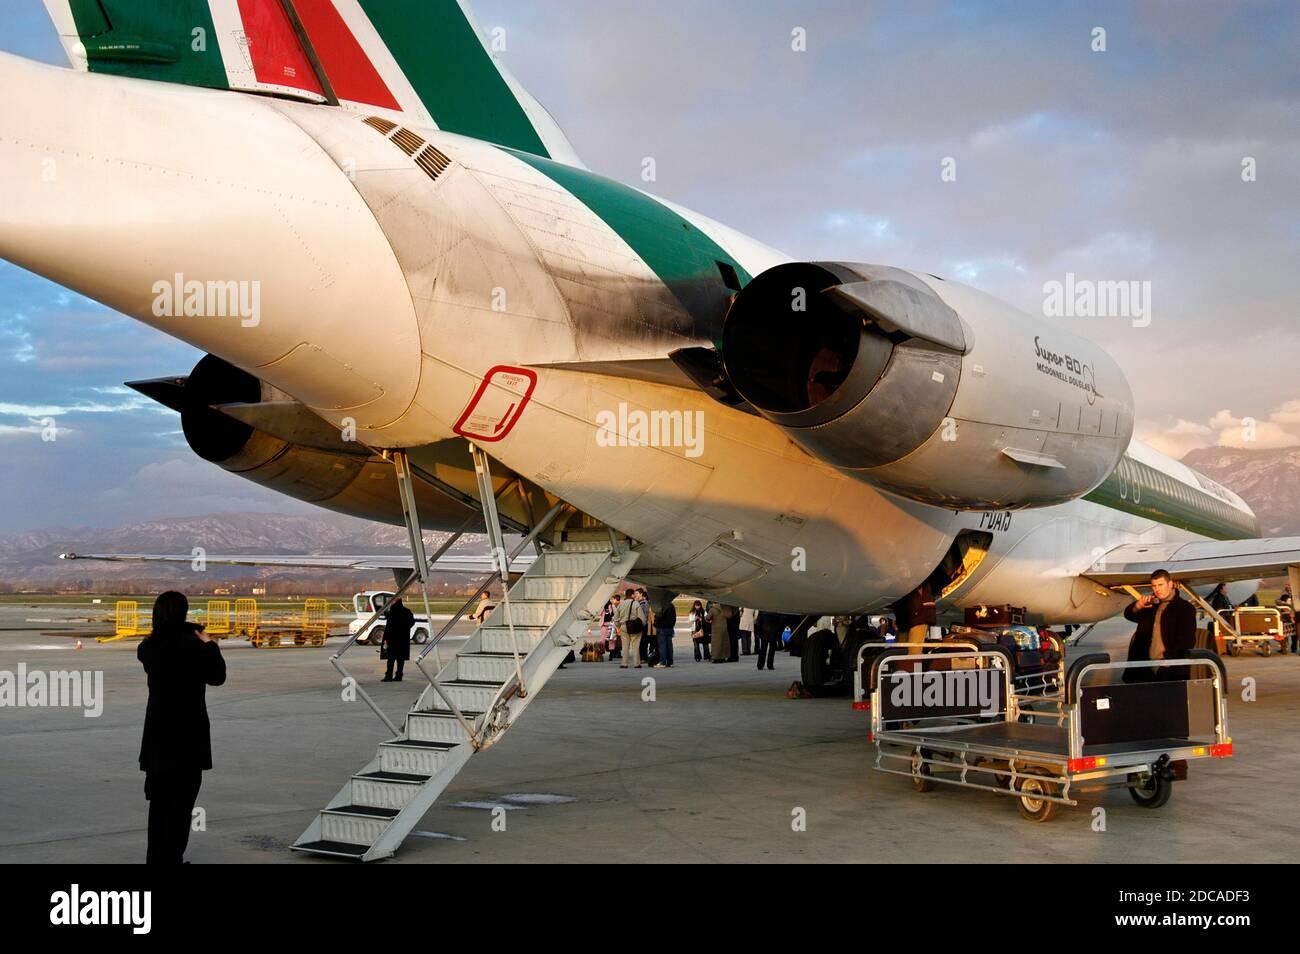 Alitalia volo di scarico all'aeroporto Madre Teresa, Tirana, Albania Foto Stock